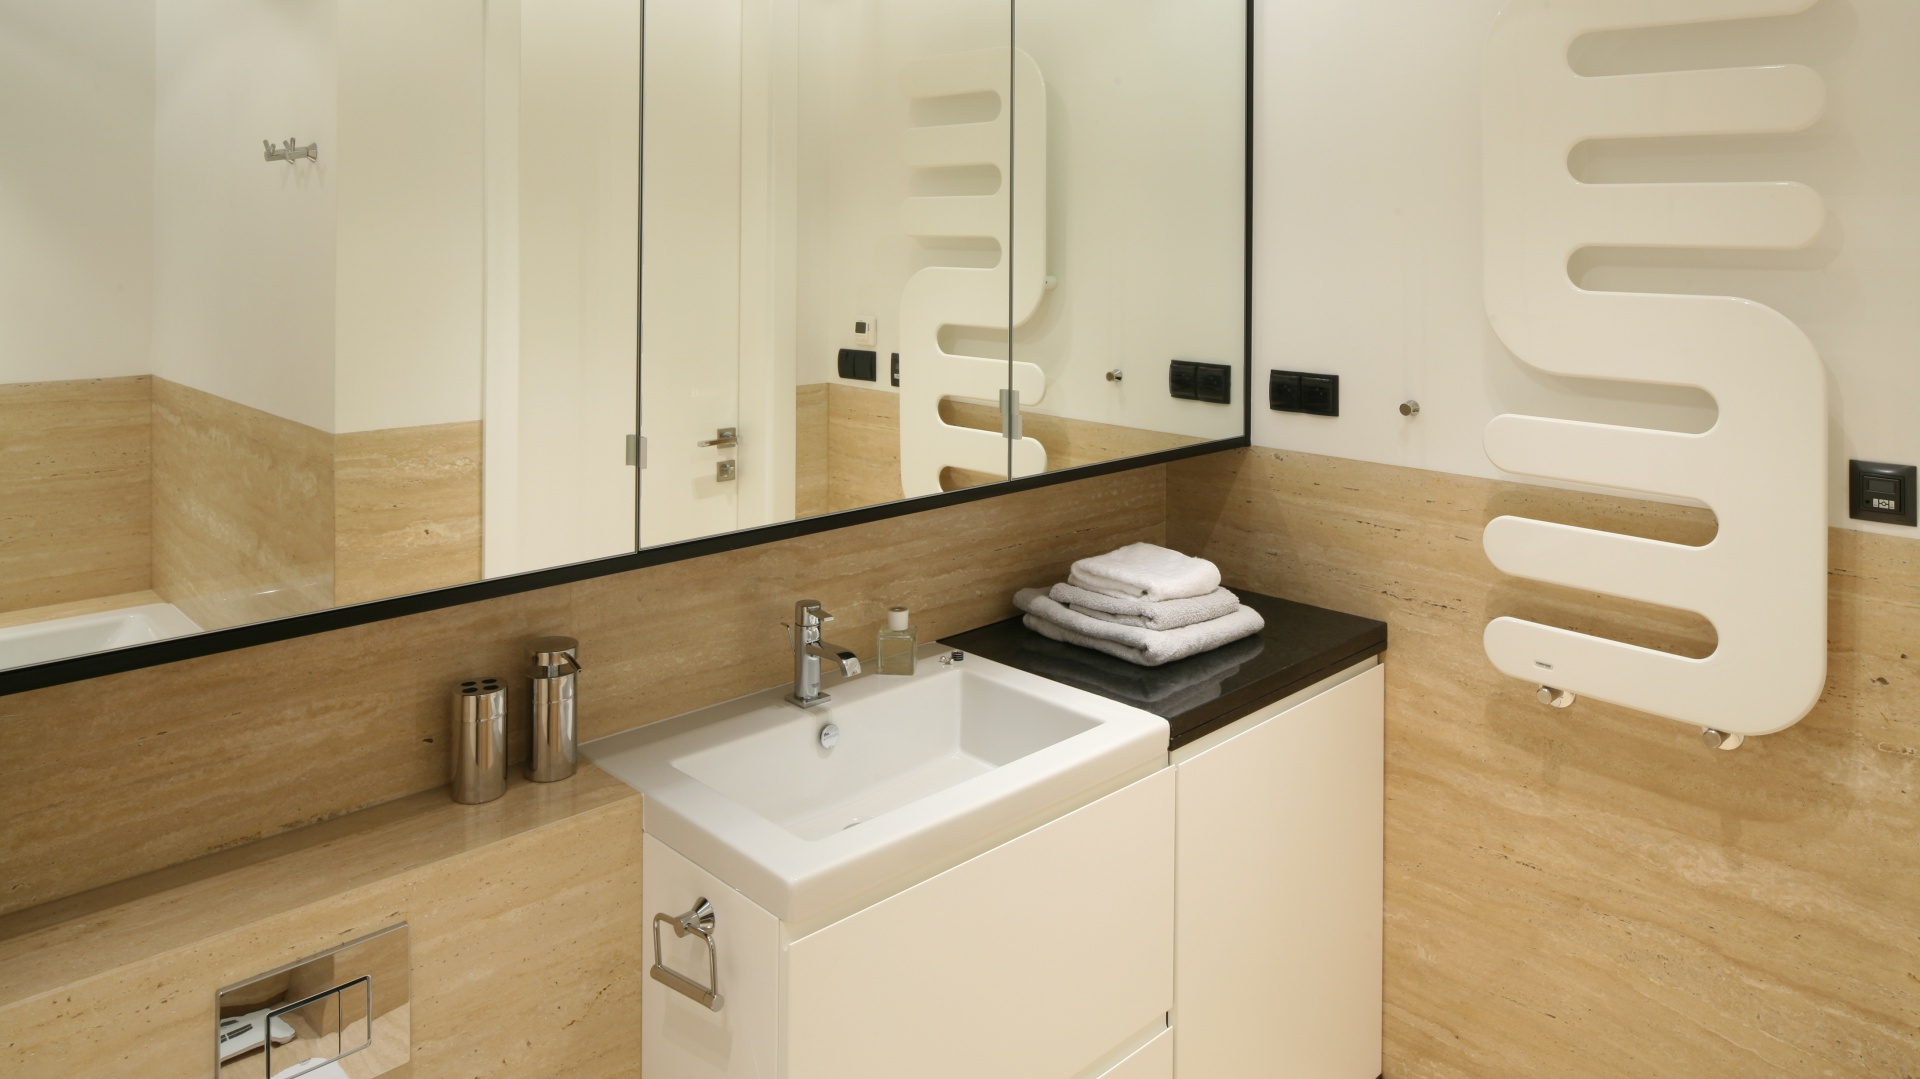 Rodzinna łazienka z pomysłowymi meblami do sufitu na zamówienie. Powierzchnia: ok. 8 m². Projekt: Anna Maria Sokołowska. Fot. Bartosz Jarosz.